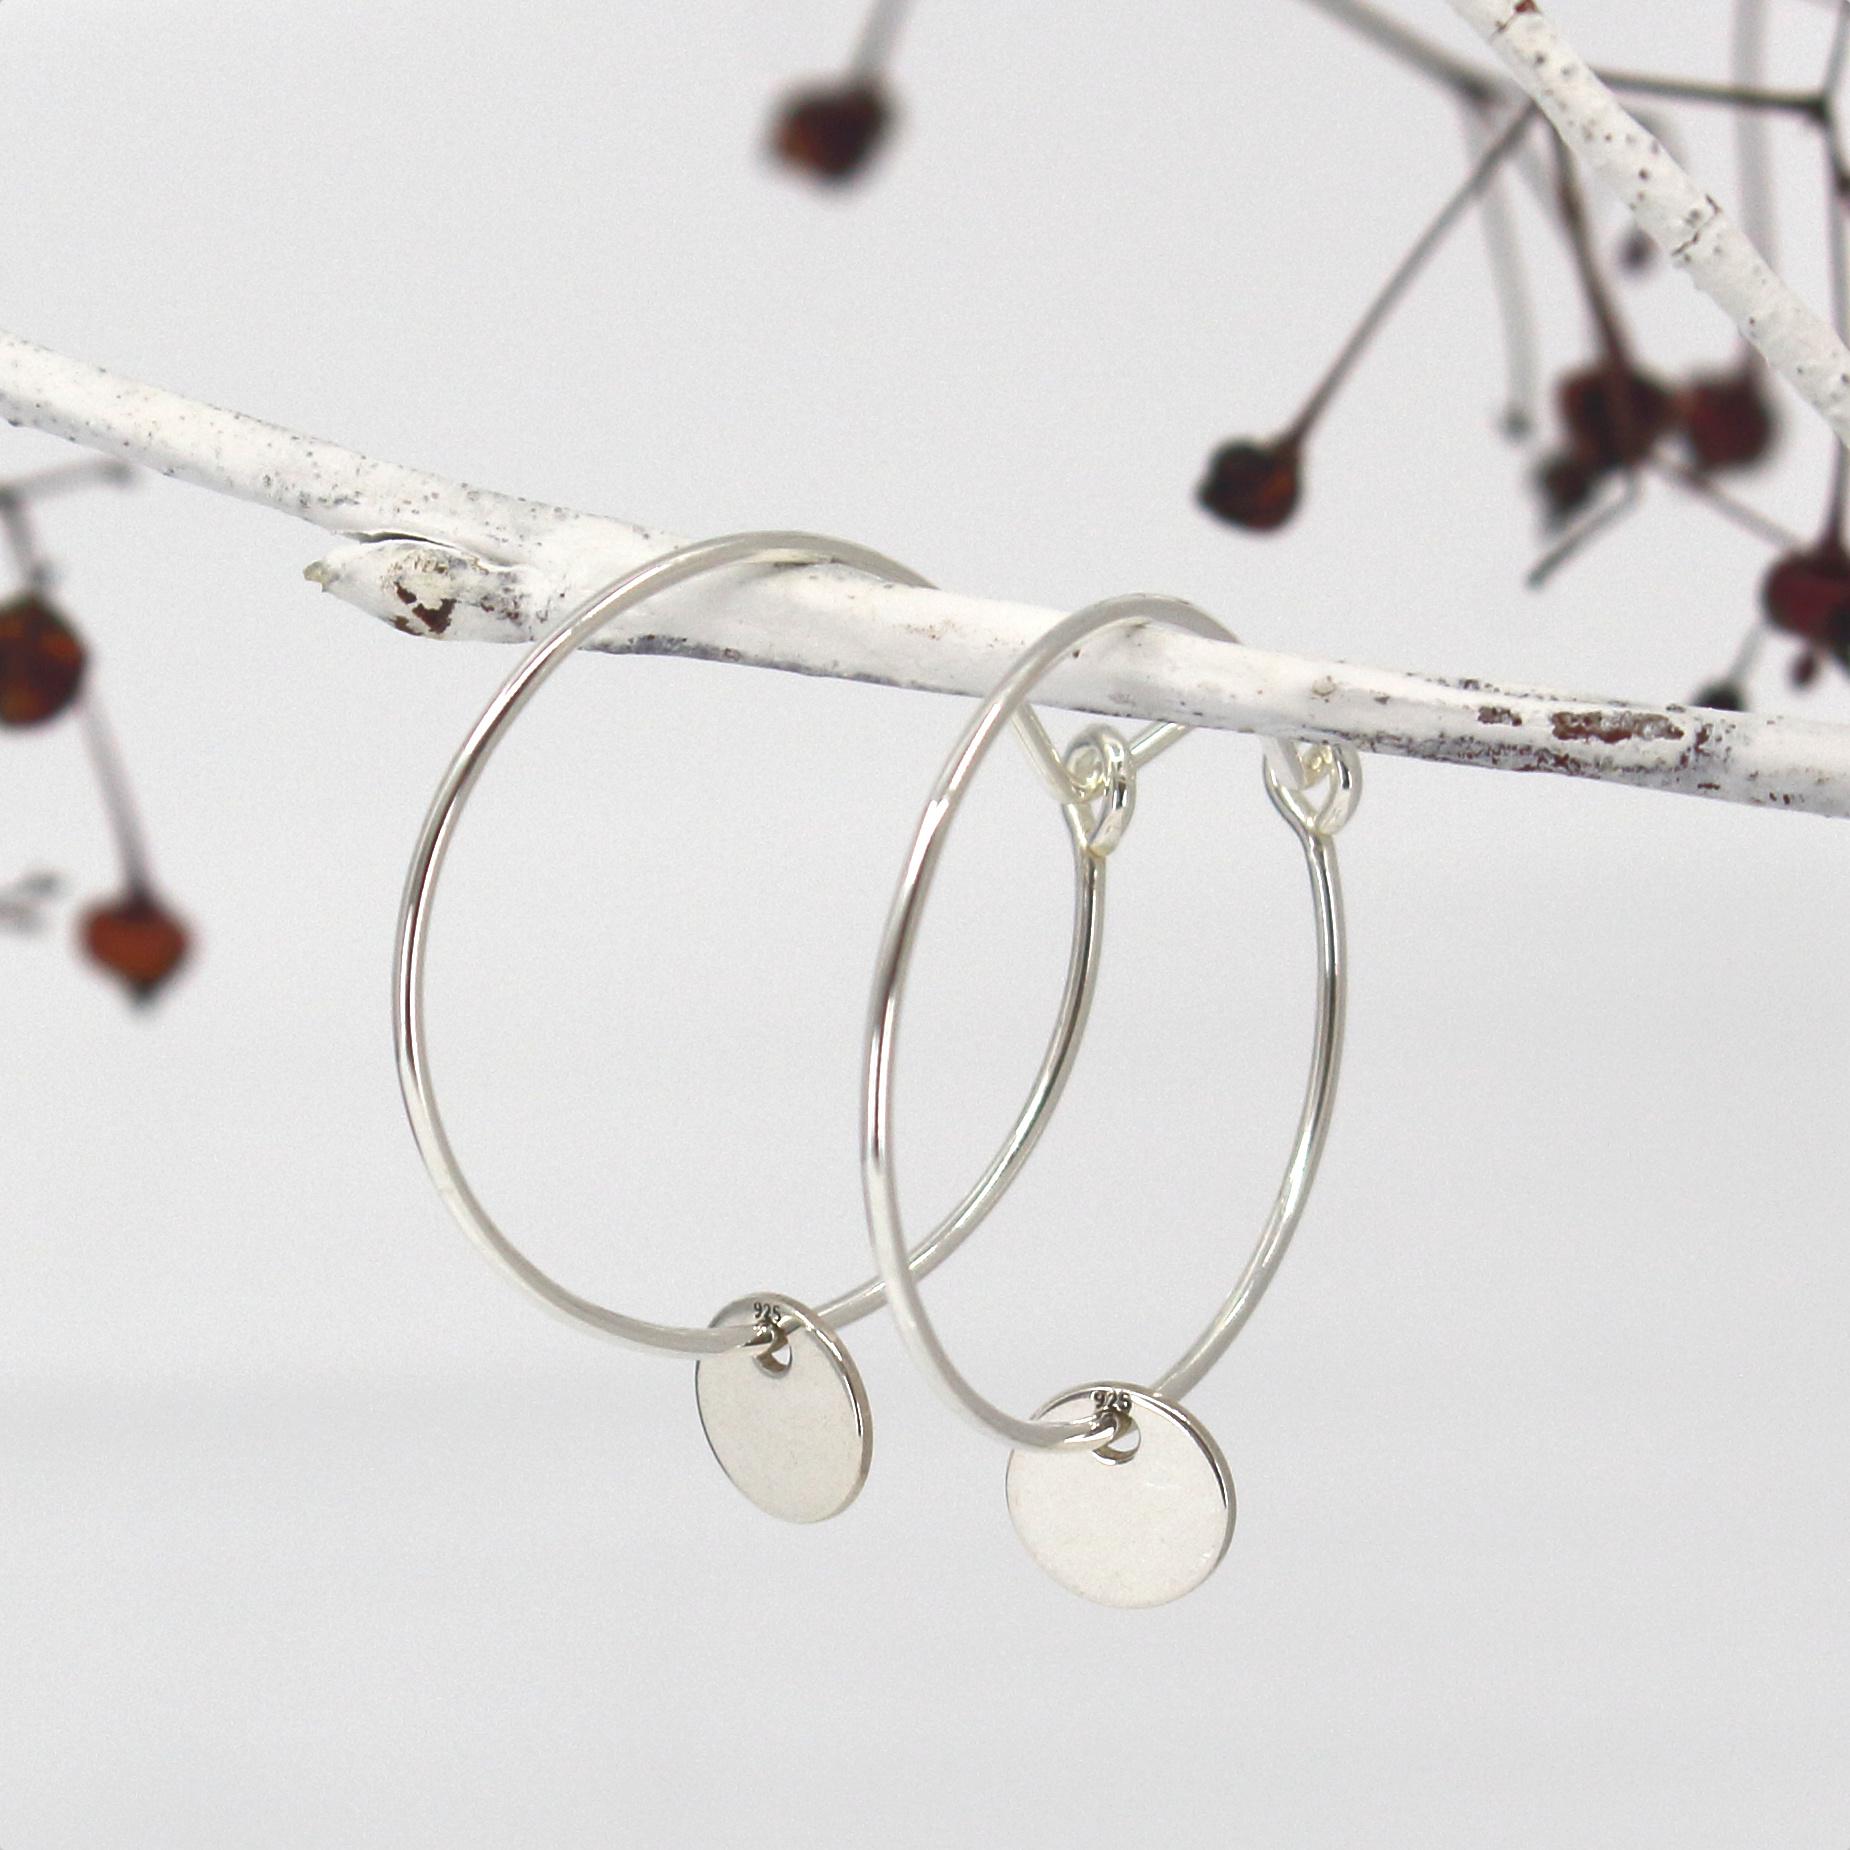 ARLIZI Jewelry trendy earrings sterling silver